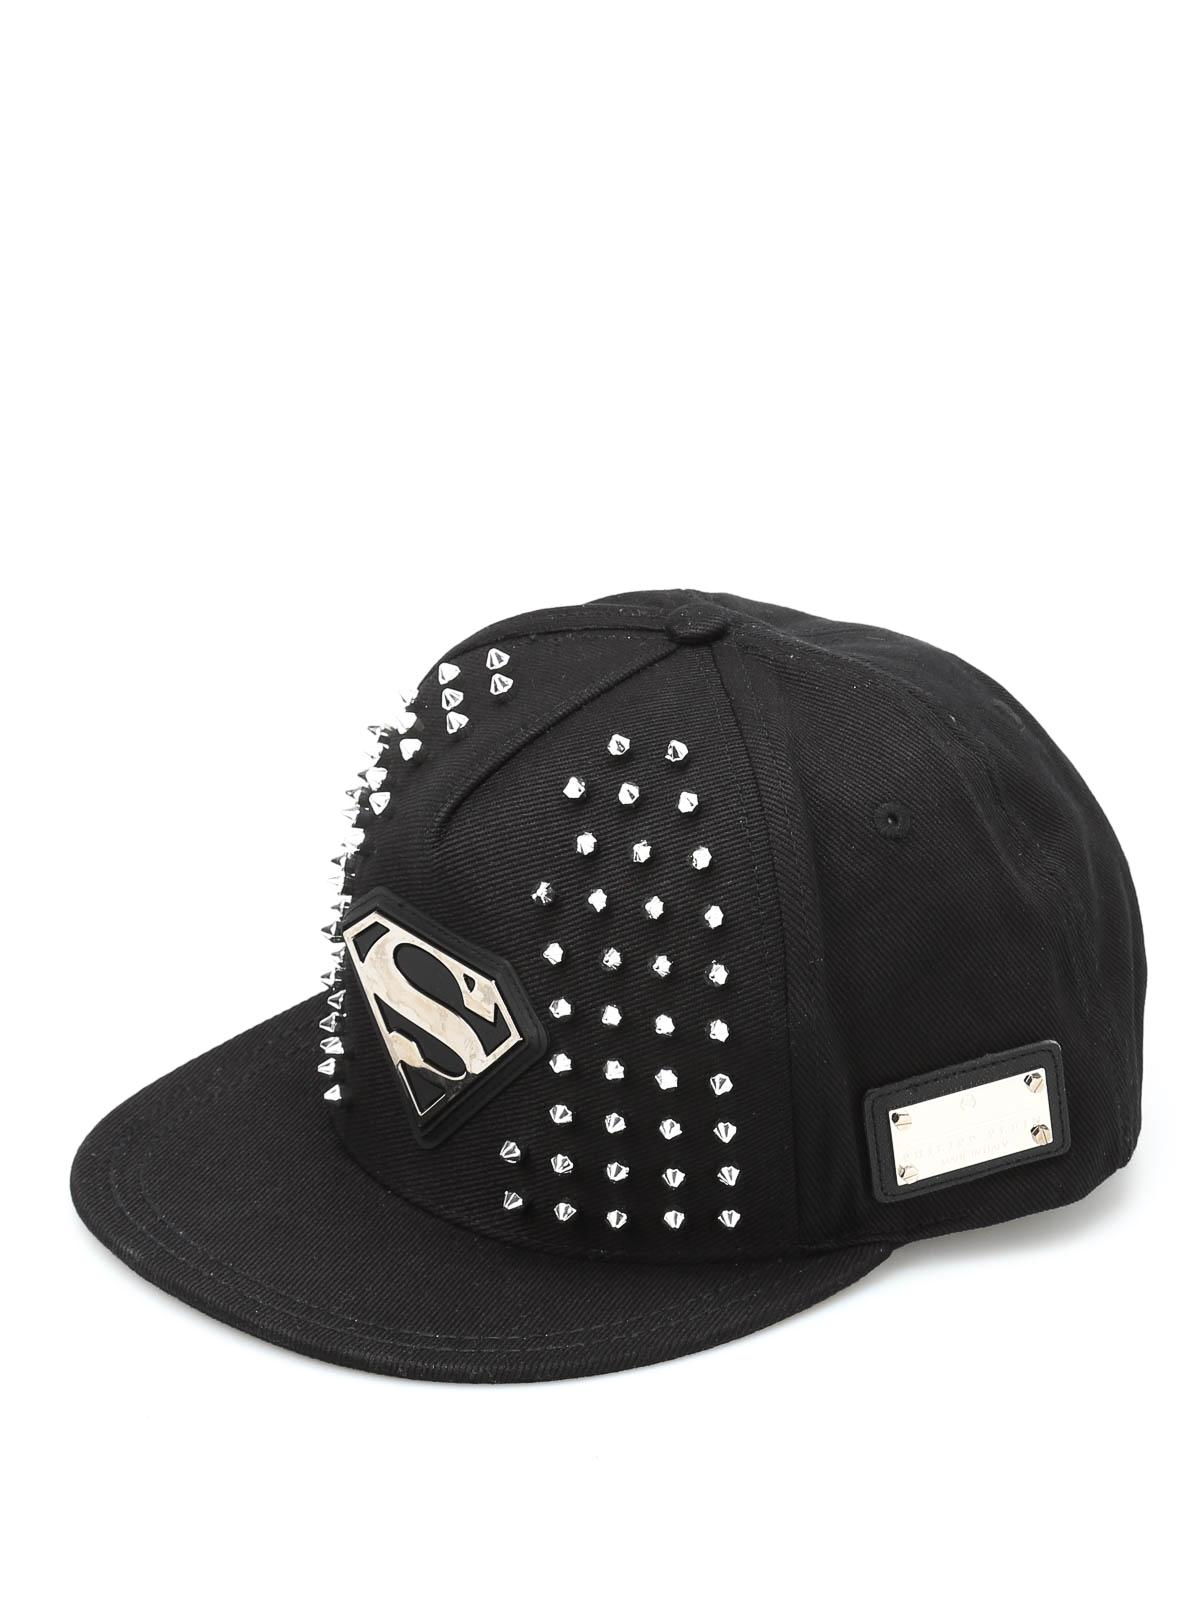 chapeaux et casquettes noir de philipp plein chapeaux. Black Bedroom Furniture Sets. Home Design Ideas